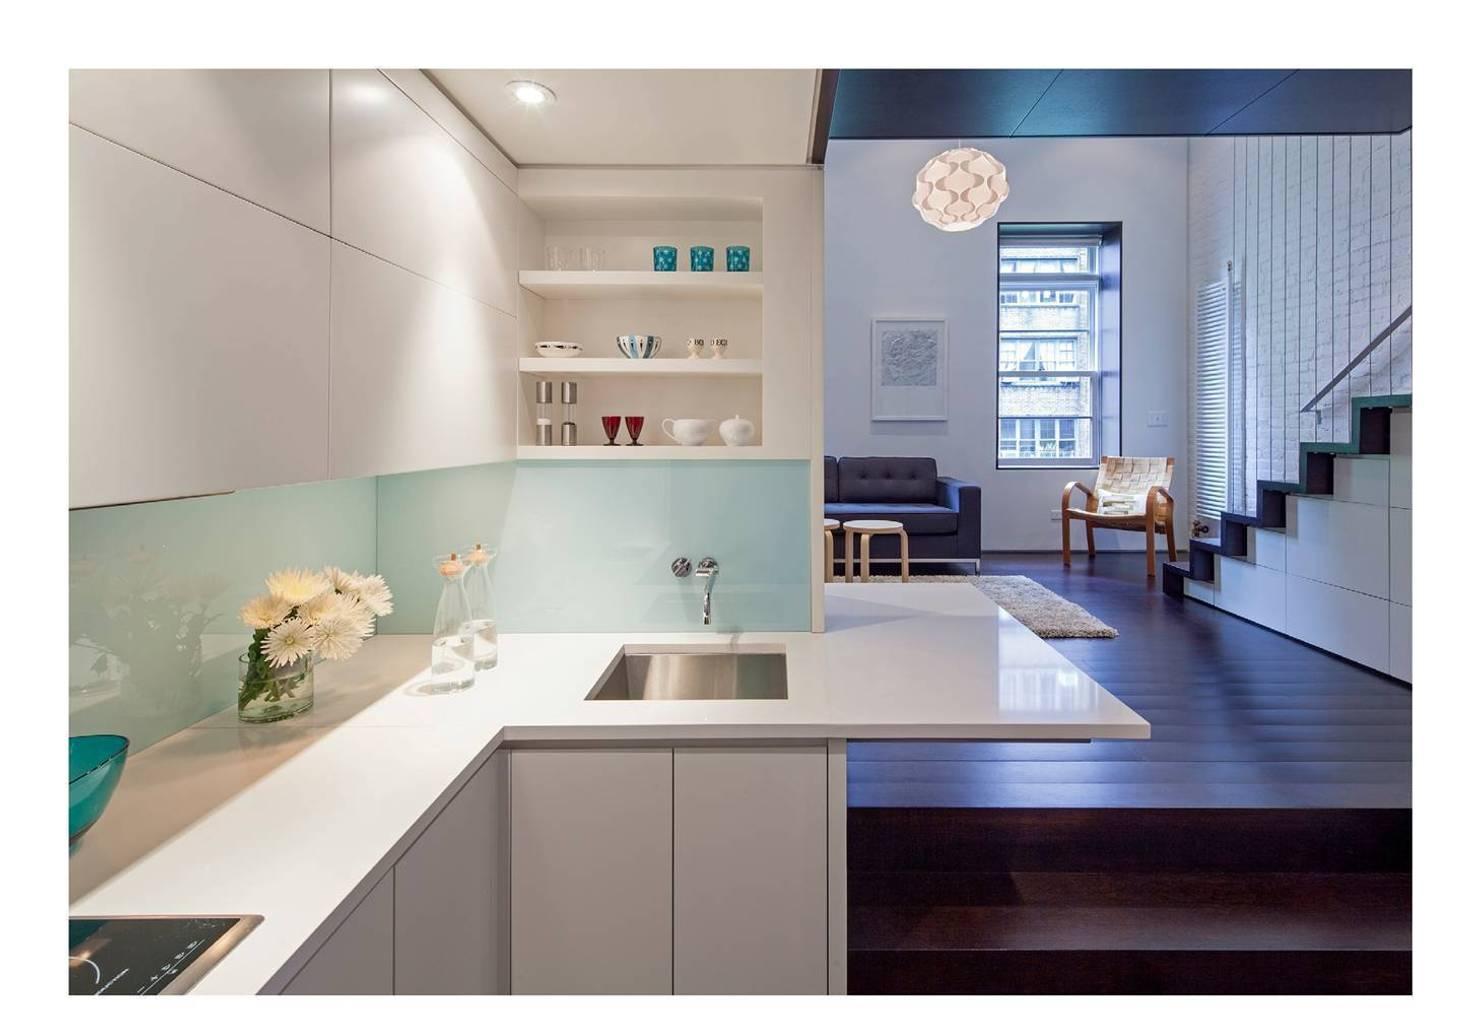 Kitchen storage: 11 ideas for a modern kitchen